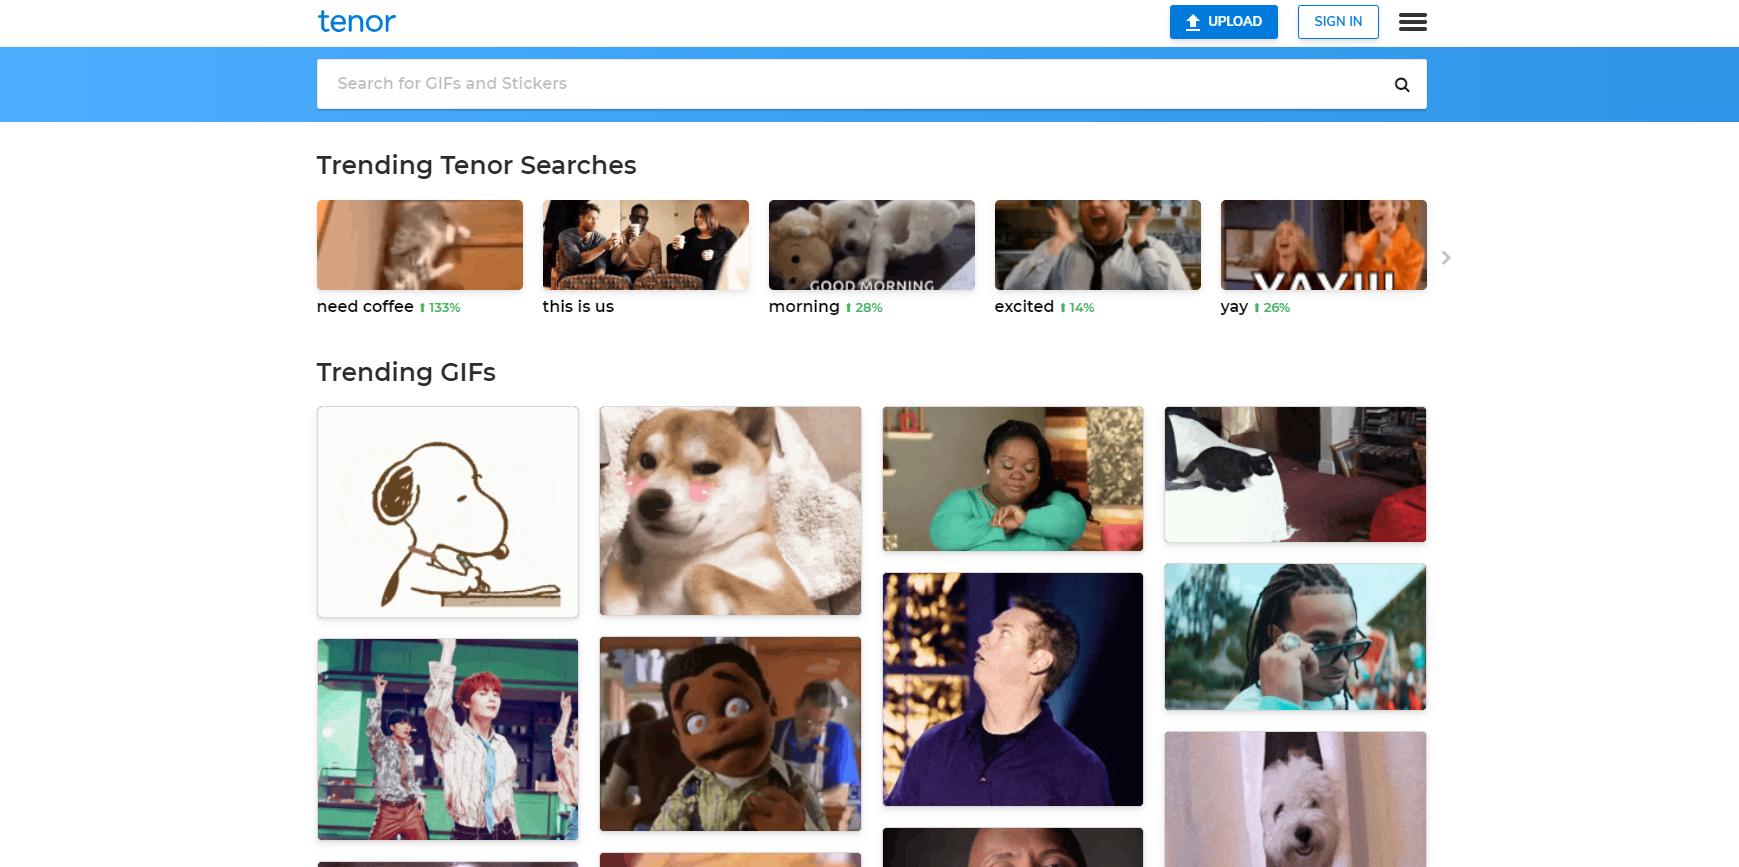 Tenor.com Screenshot